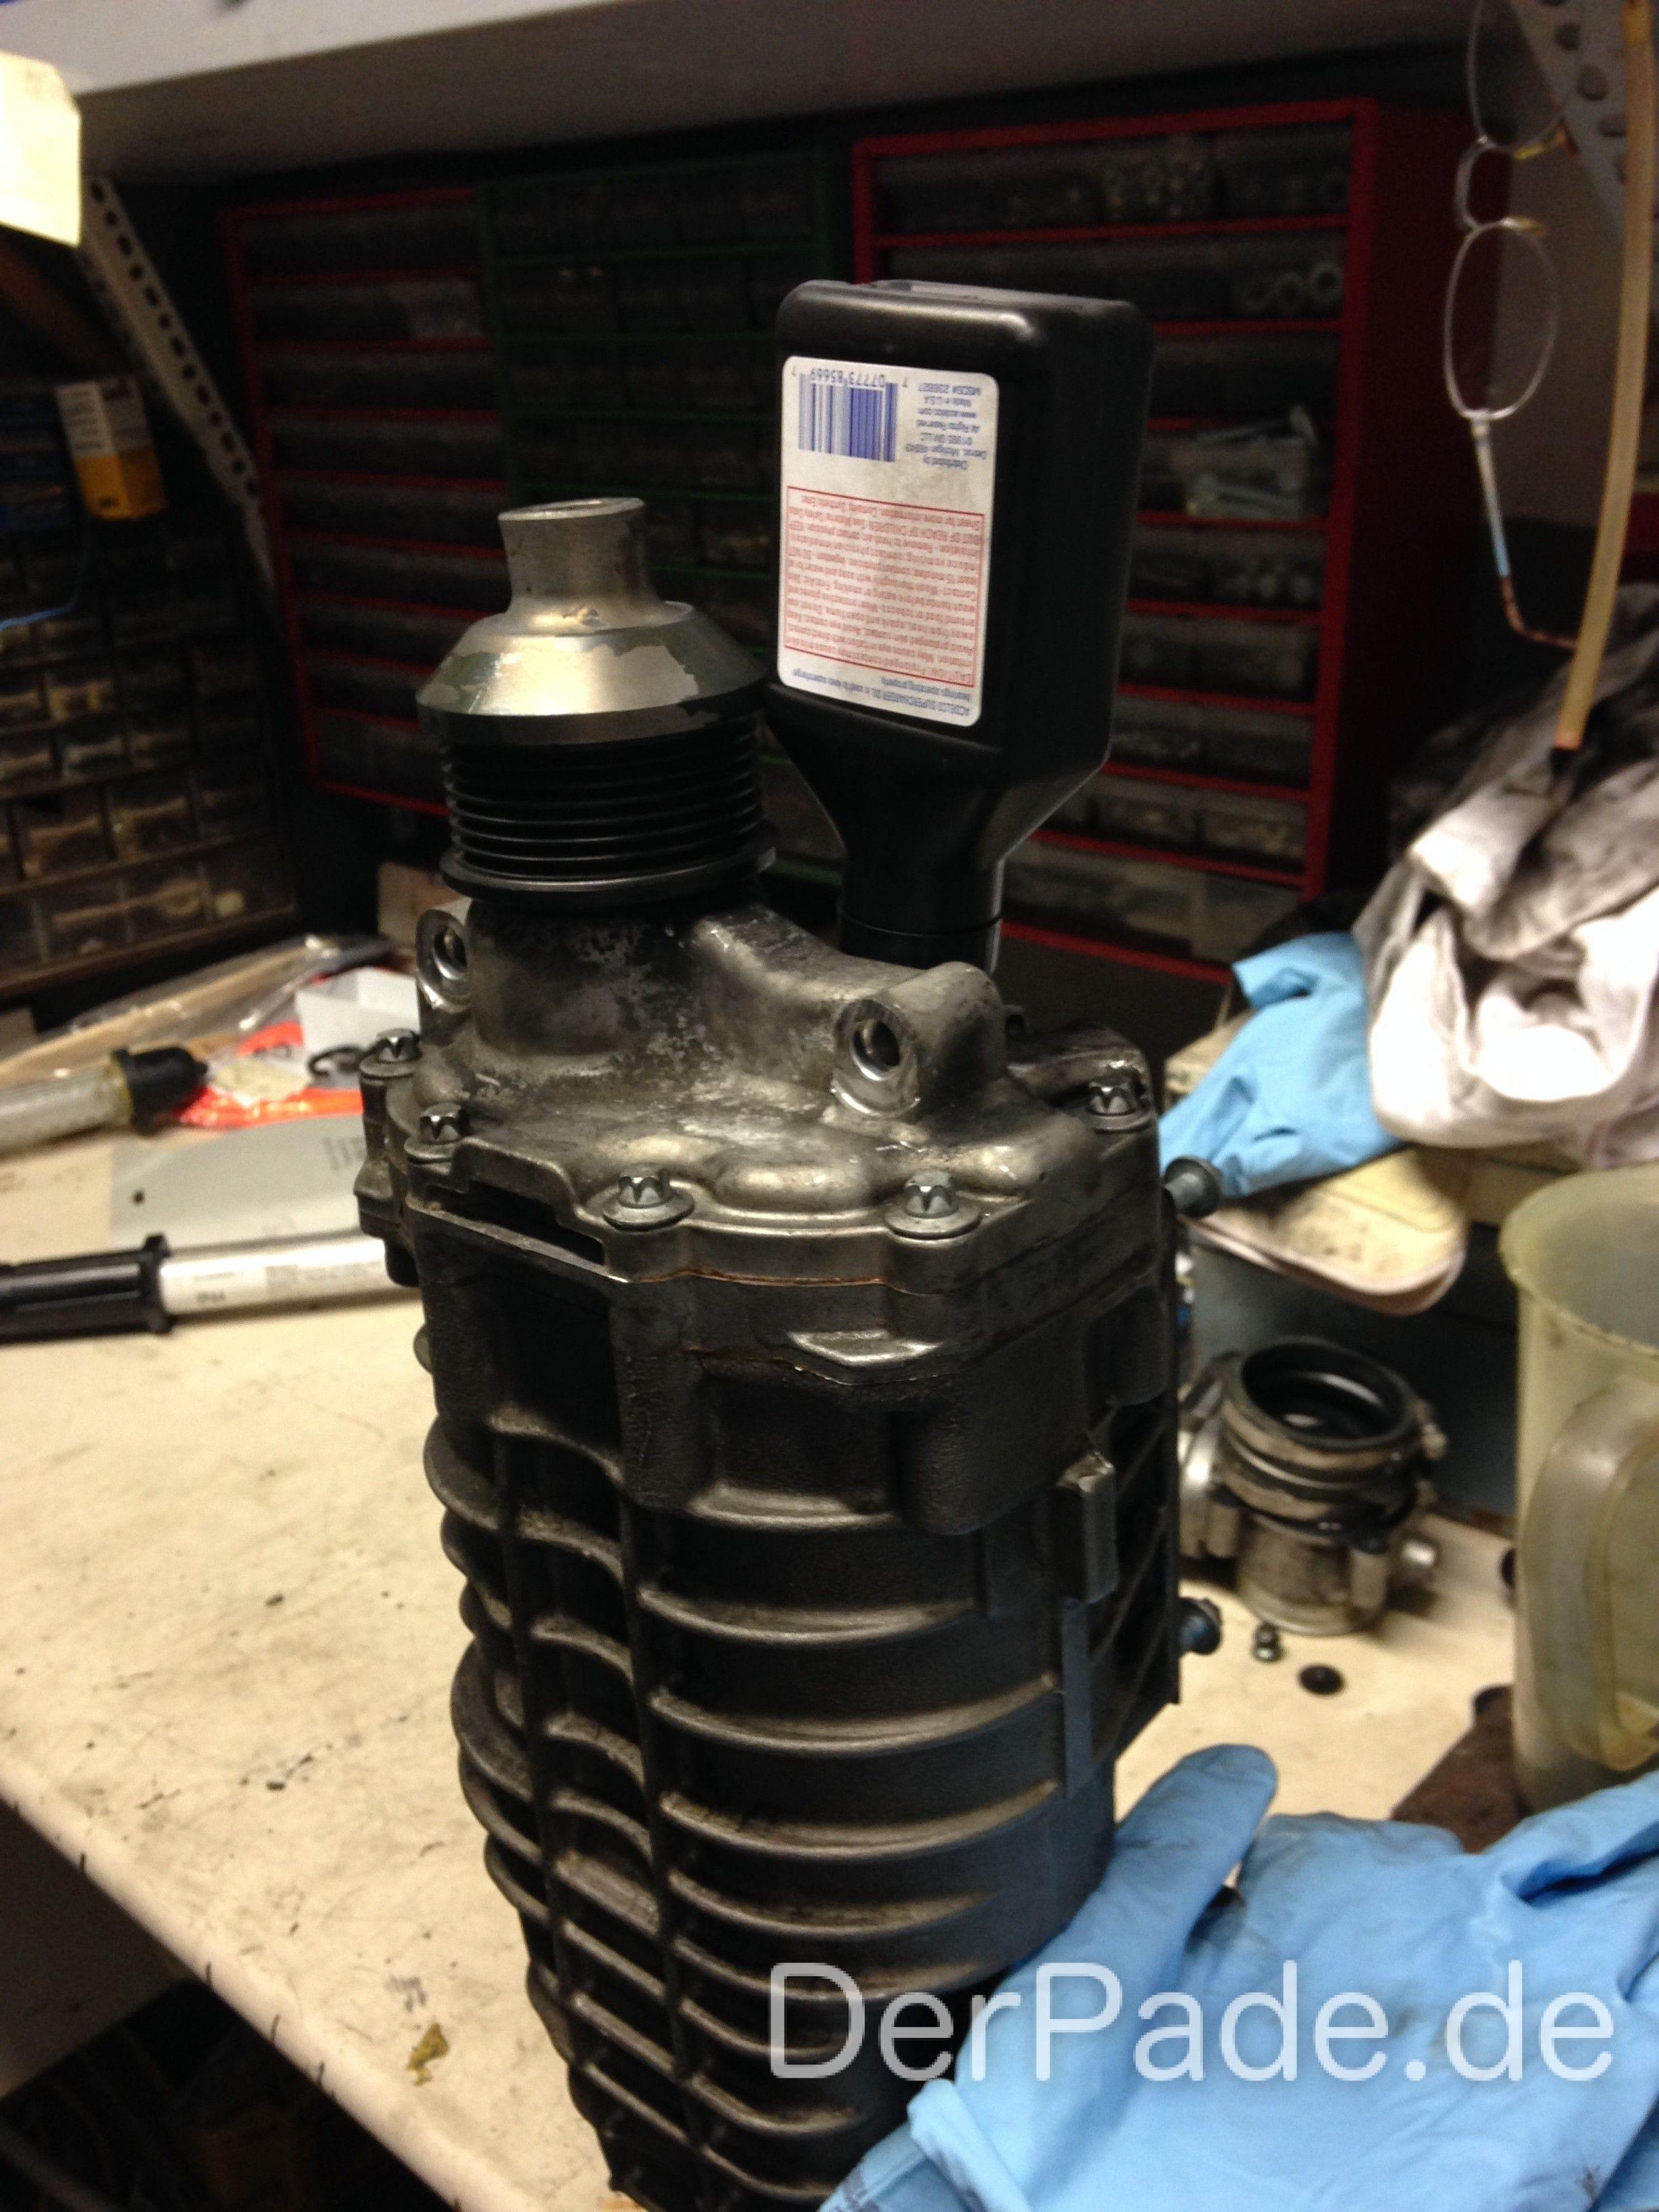 Anleitung M271 Kompressor ausbauen, Ölwechsel und Laderradwechsel